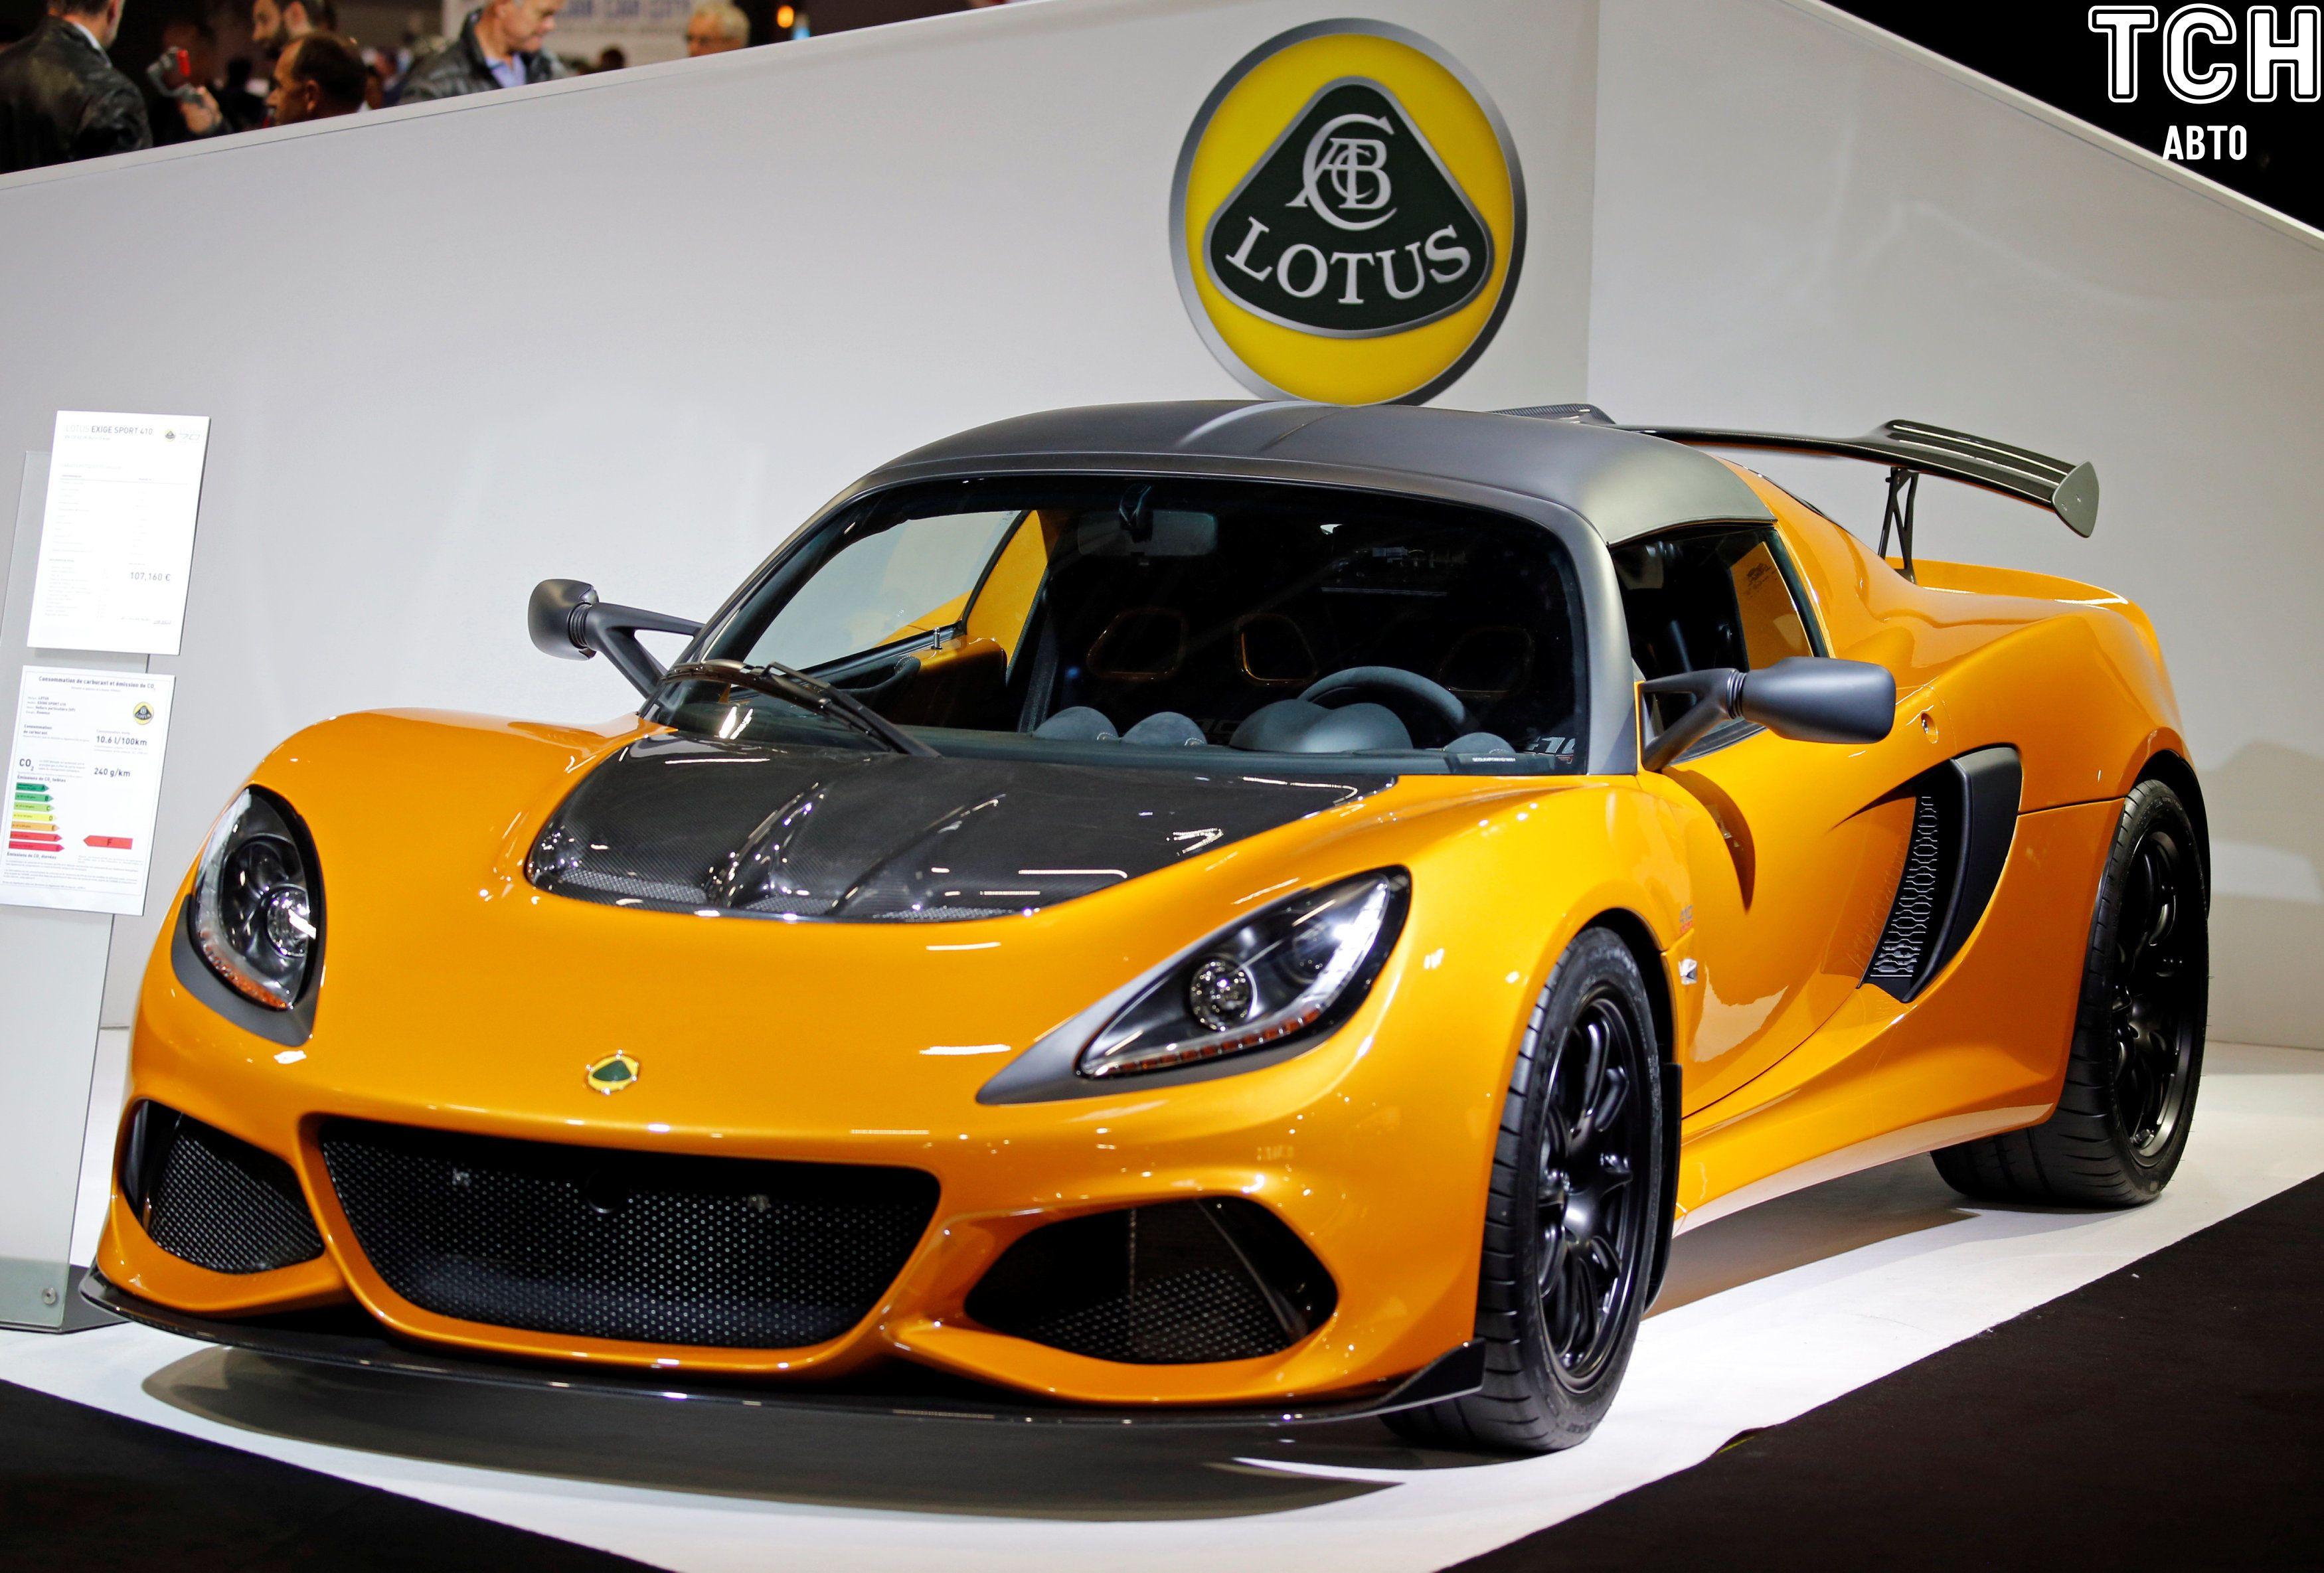 Lotus_1